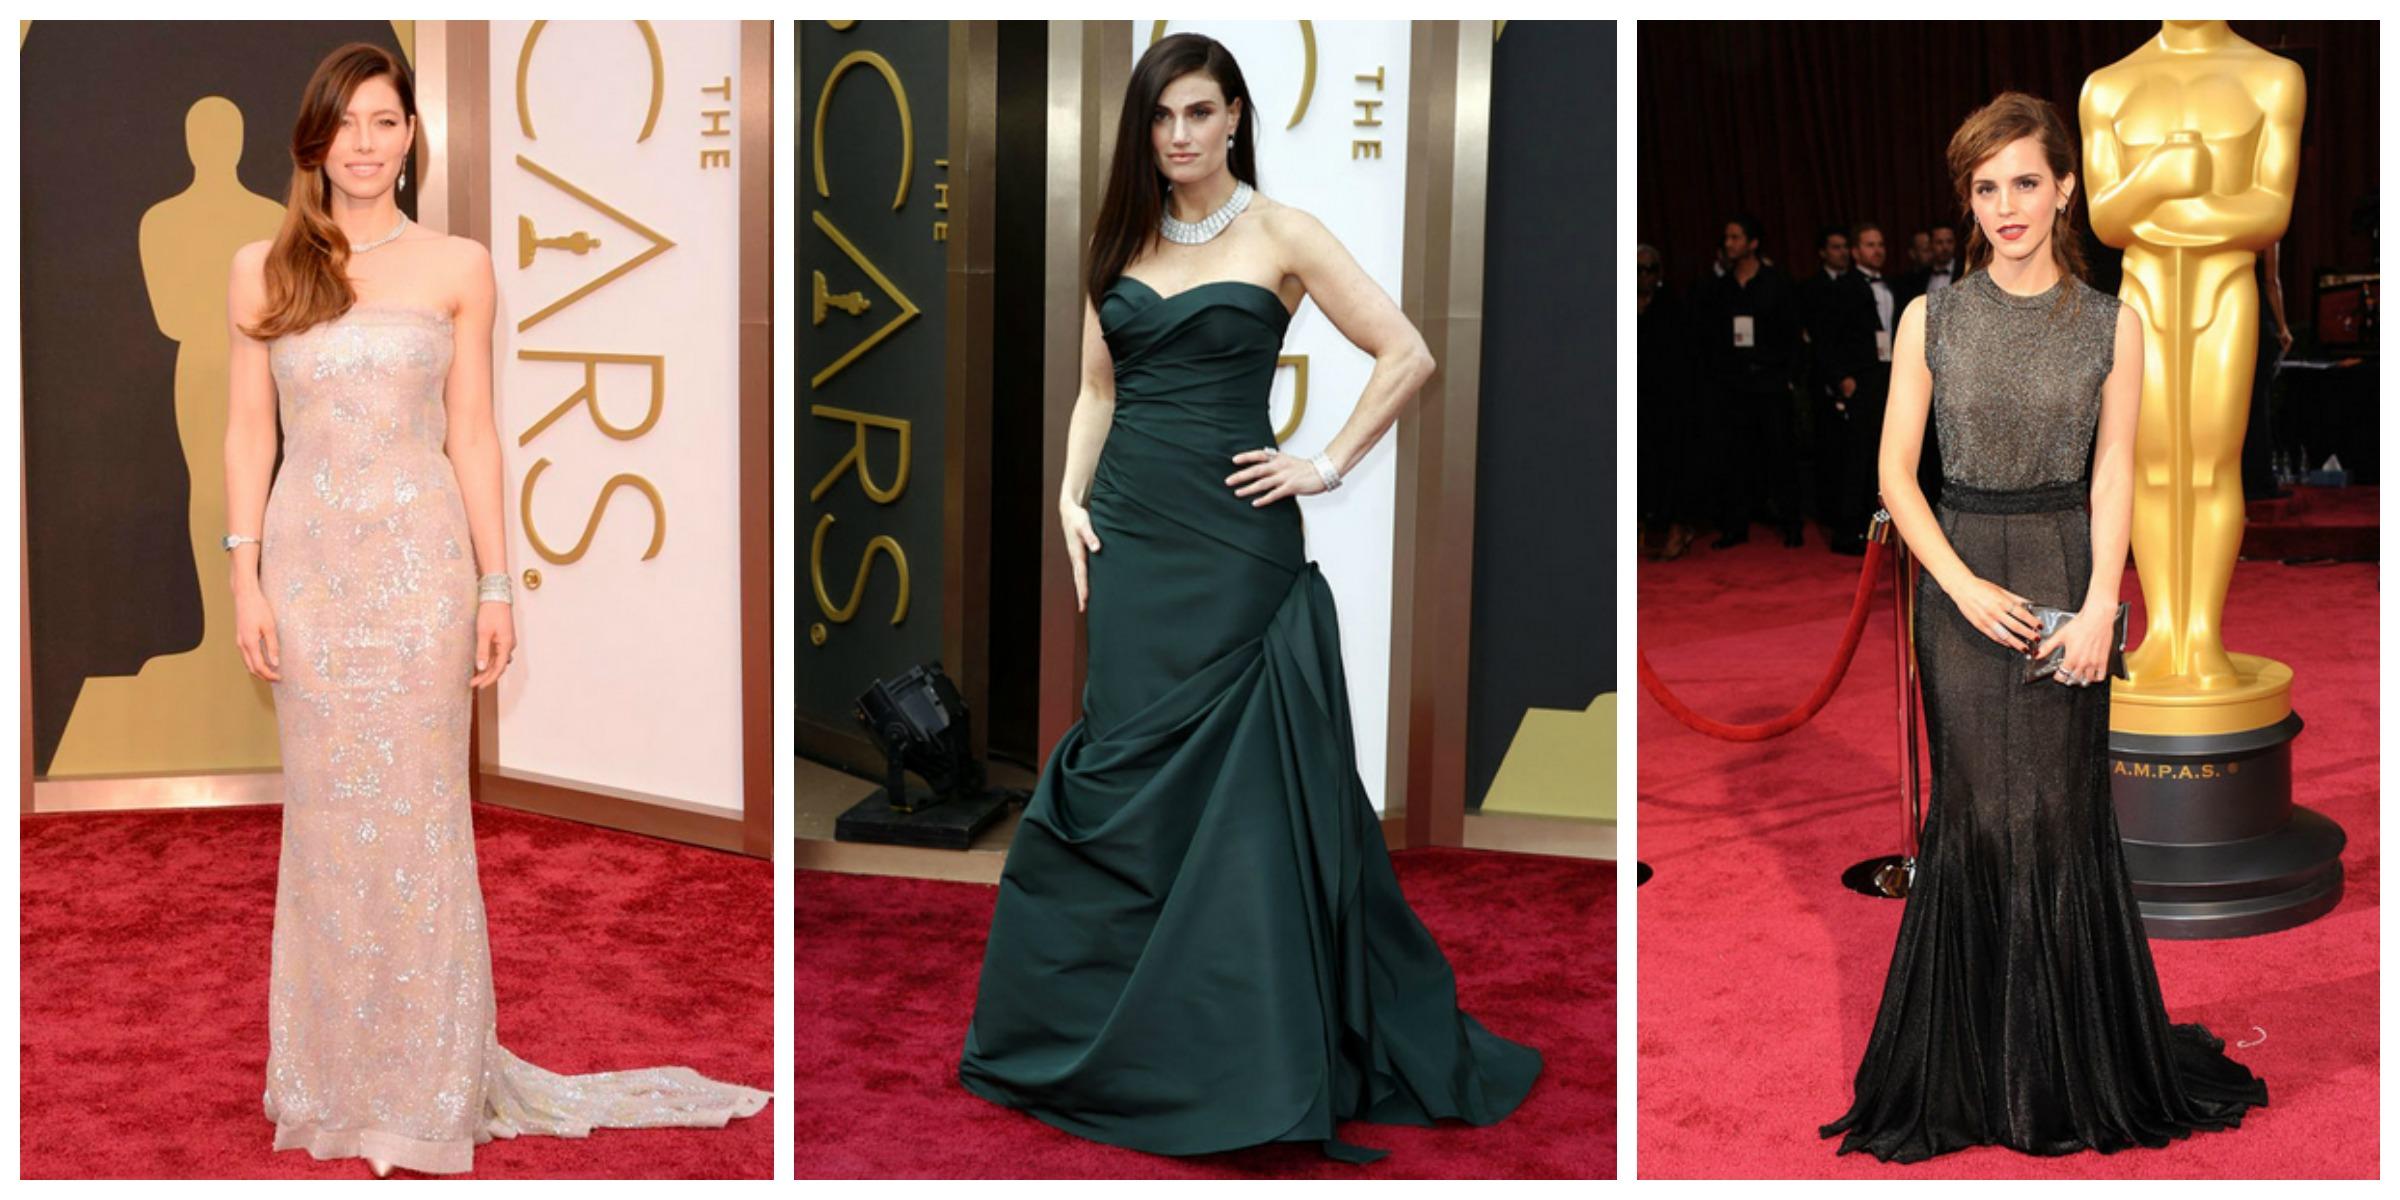 gala de los oscar 2014 mejores vestidas looks estilos style outfit ganadores vith consultoria de moda antonio pozuelo diseñador español (6)